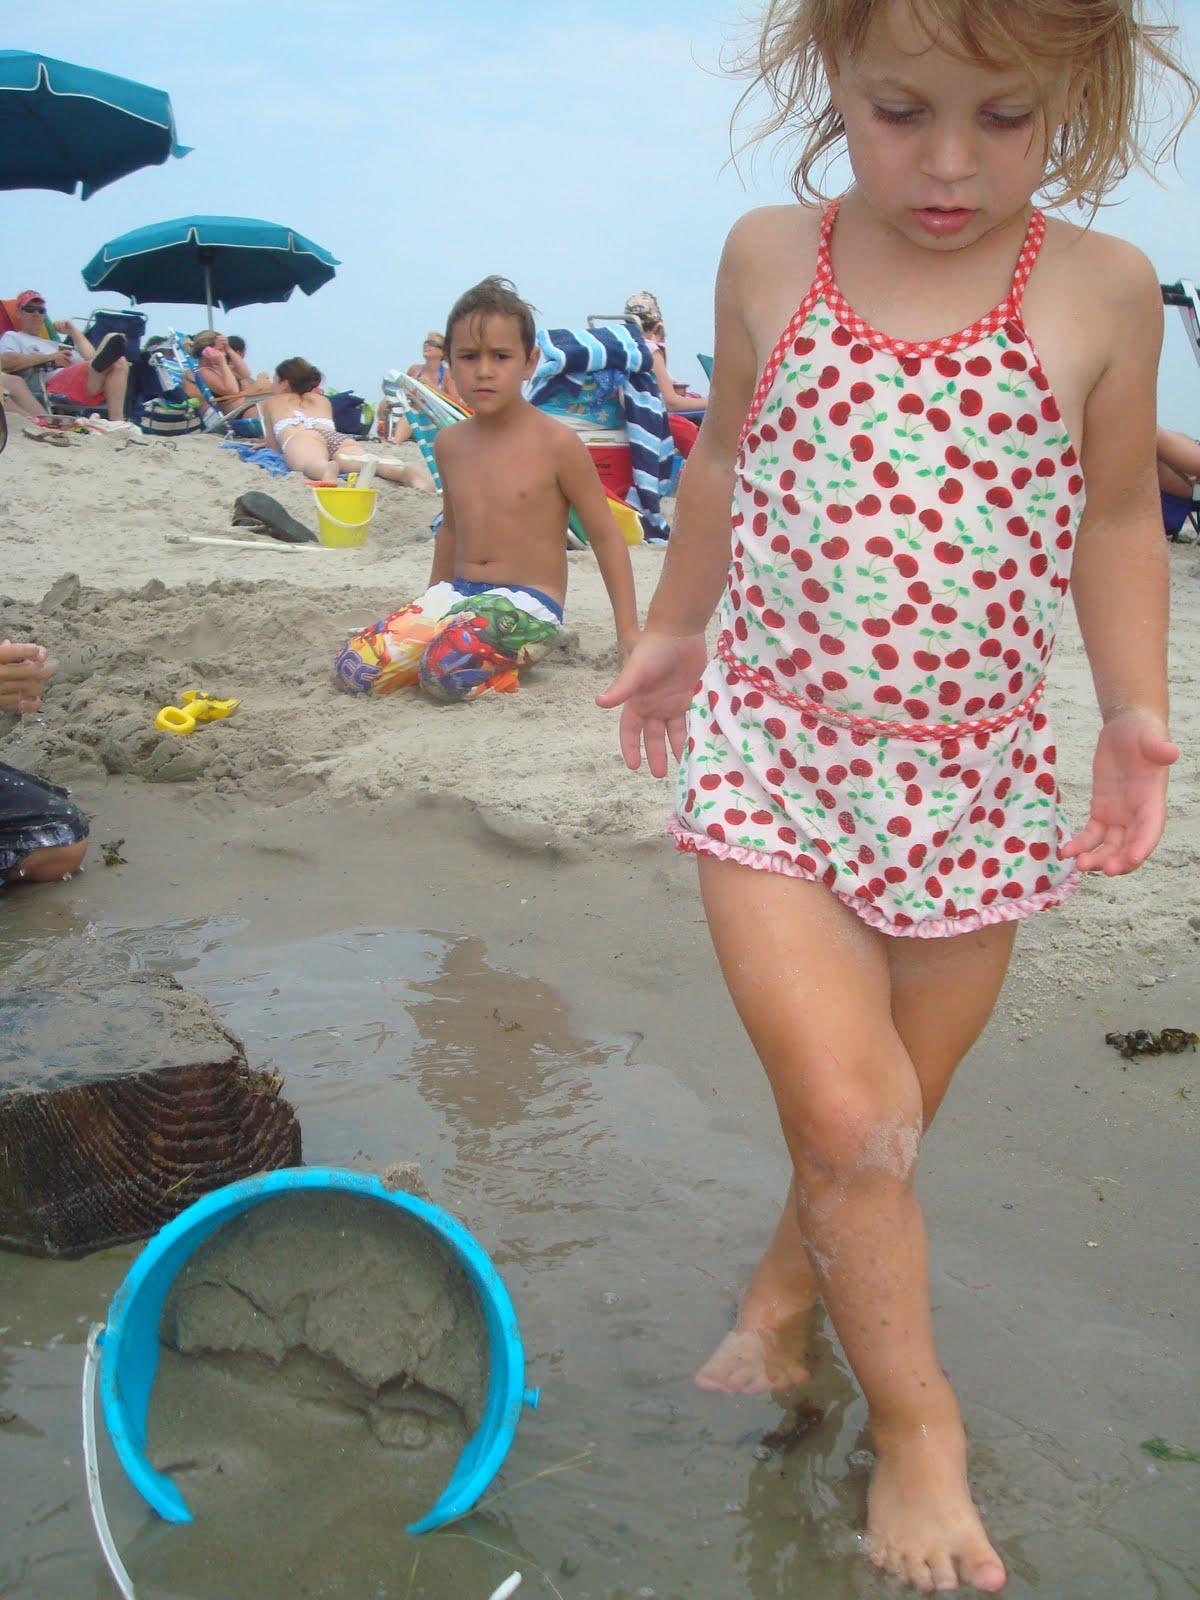 Chicas desnudas cagando en la playa